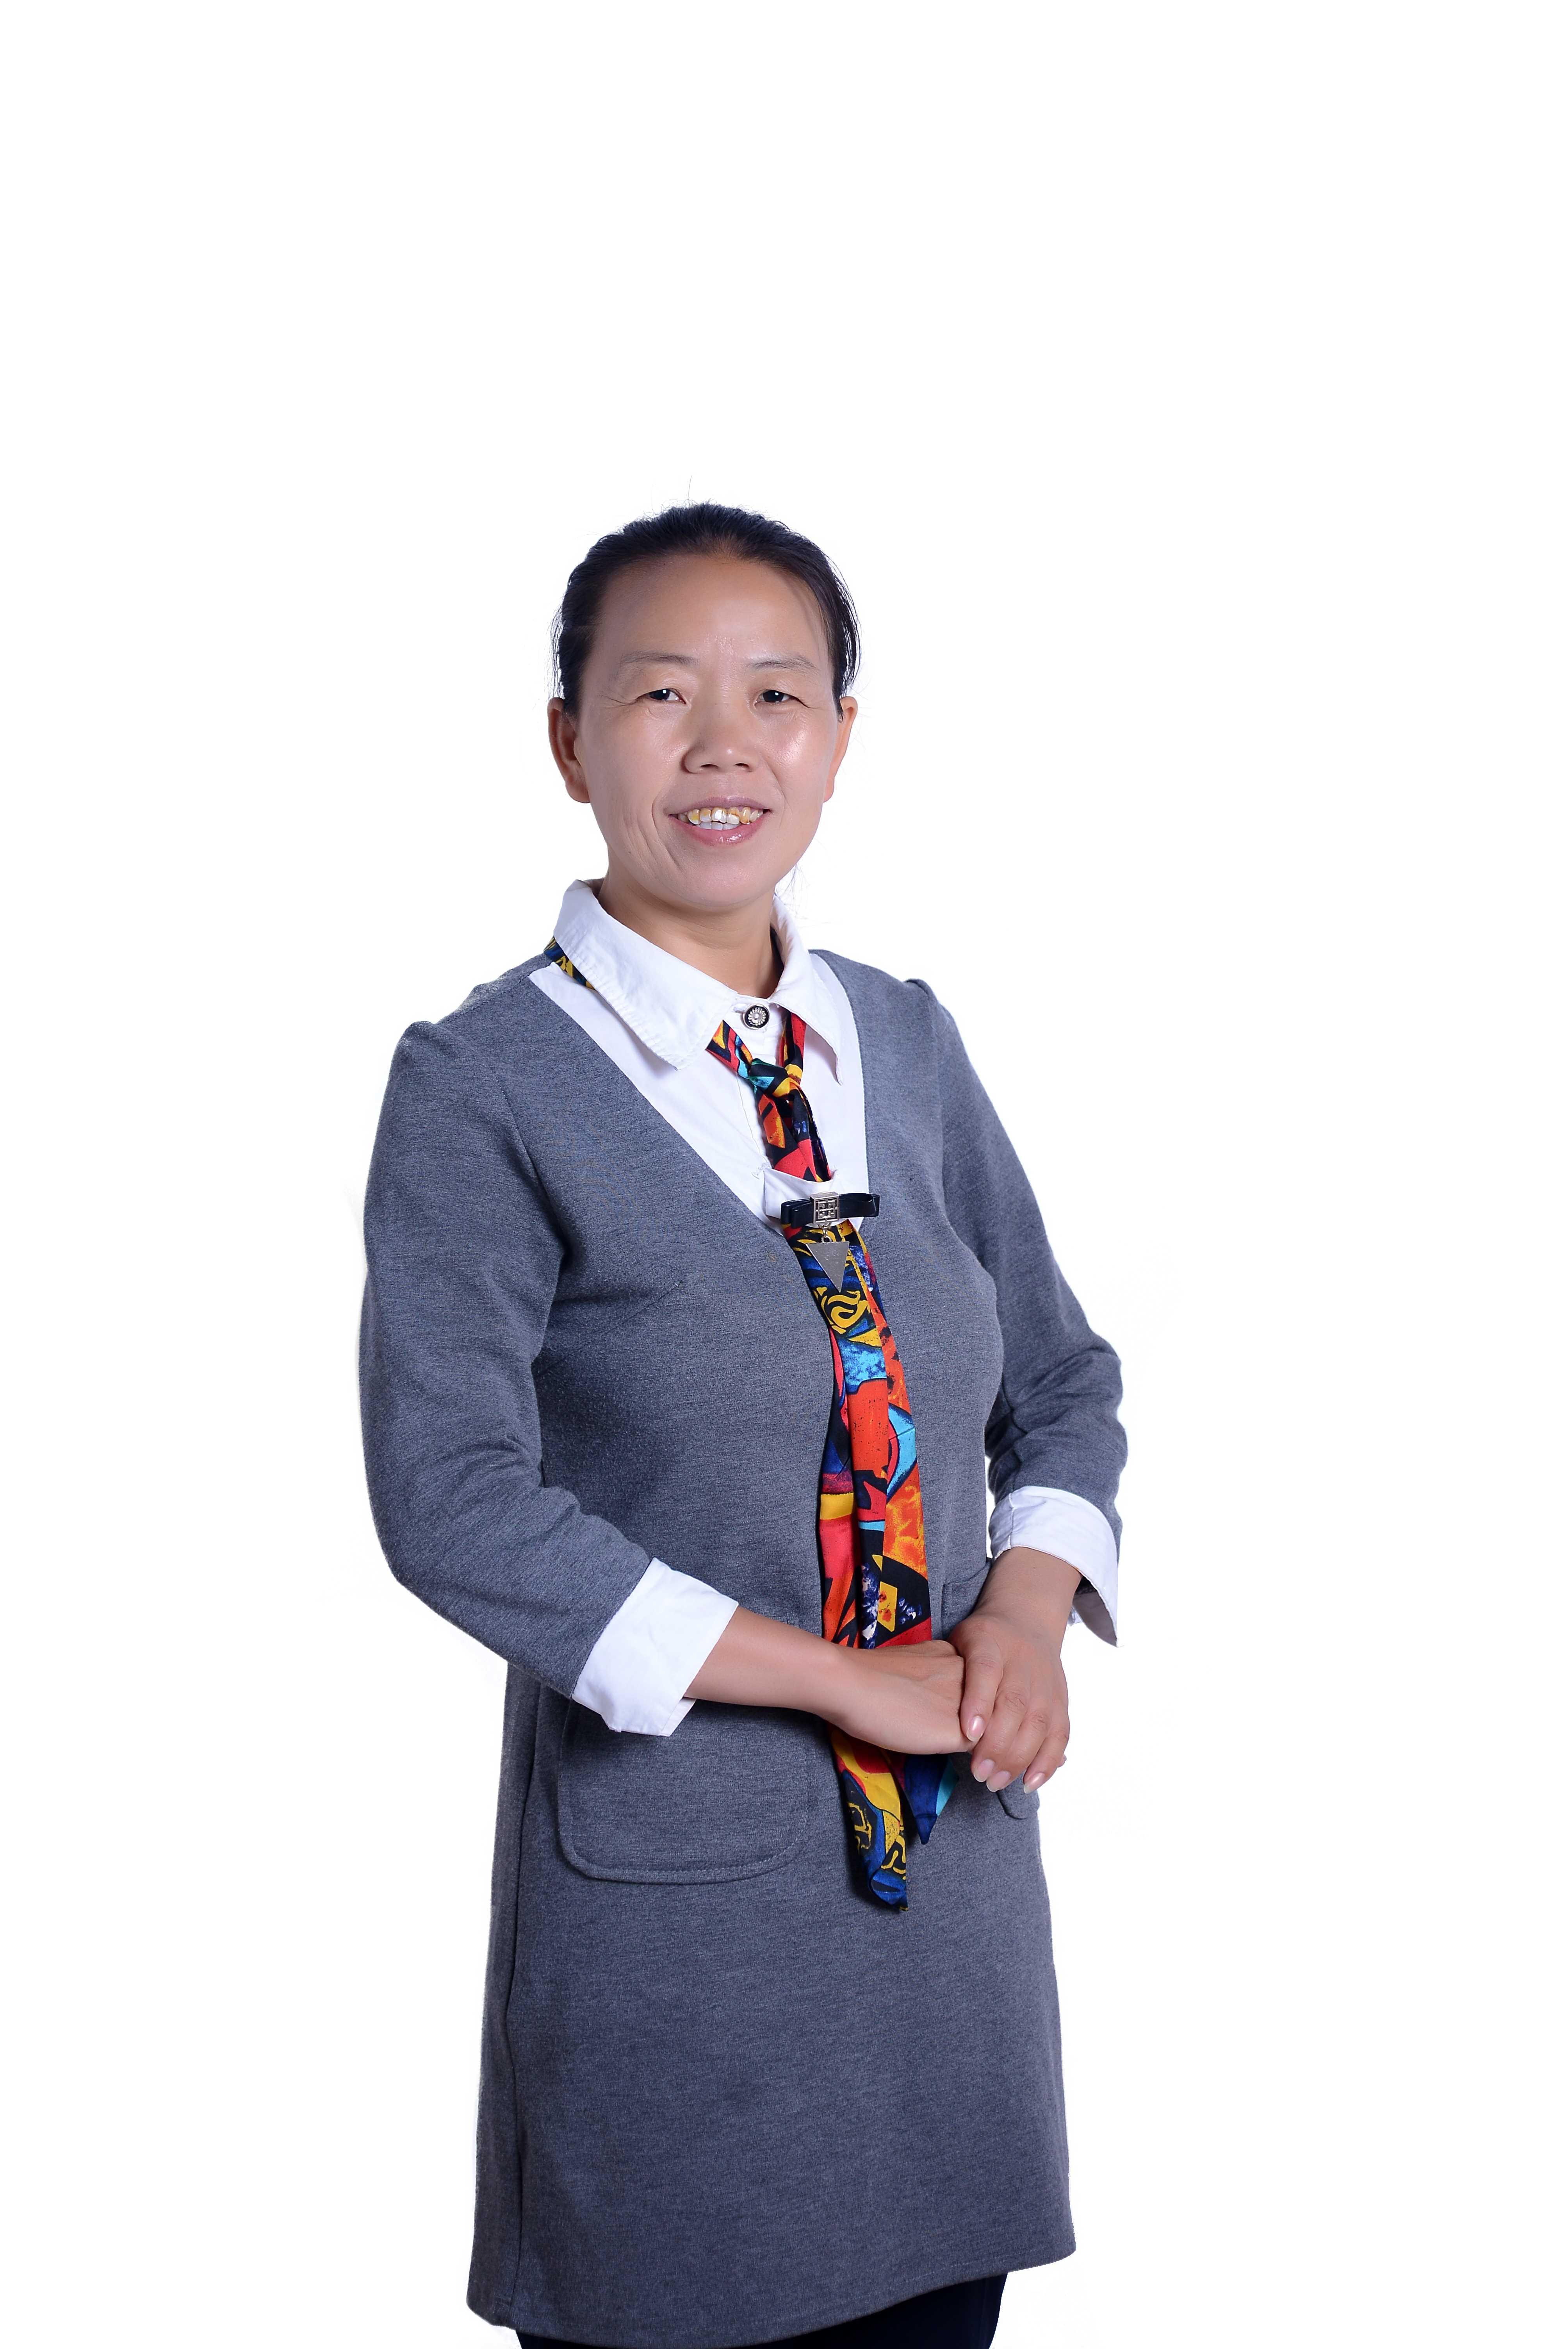 山西晋城中国人寿保险股份有限公司保险代理人李翠英